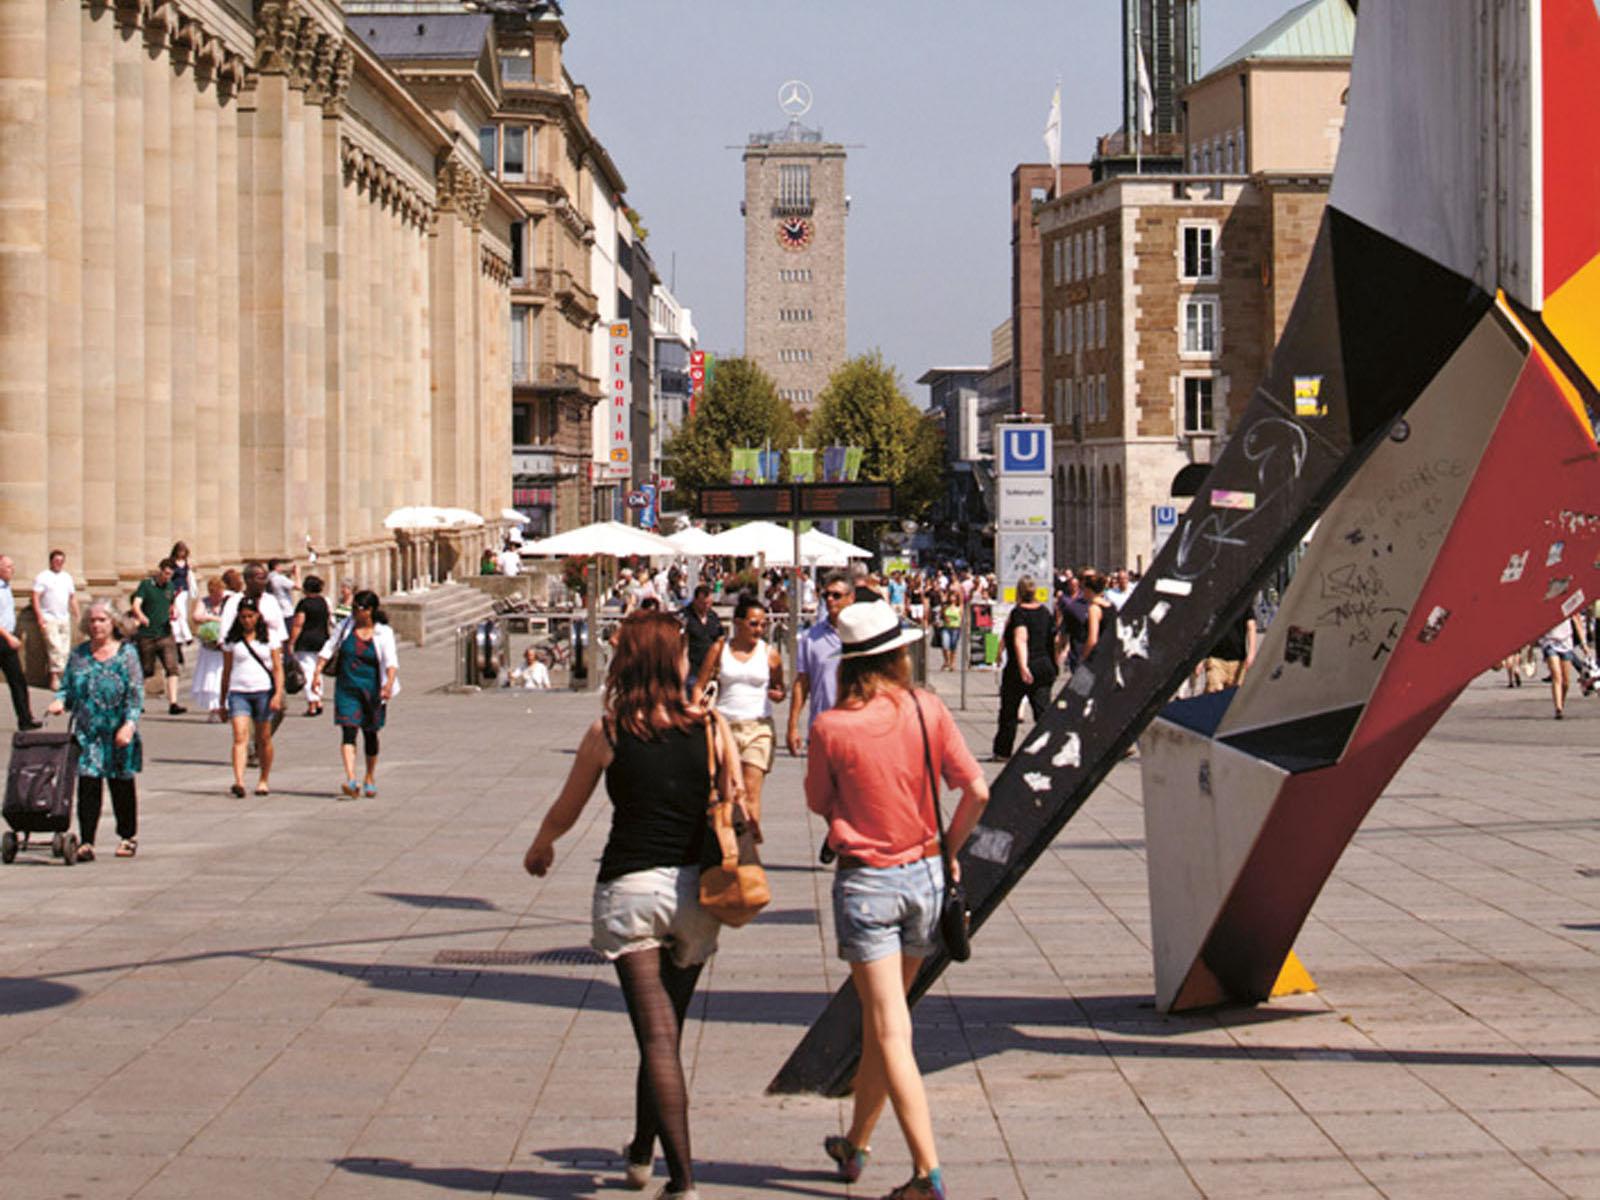 Lange Nacht der Museen Stuttgart - Stadtspaziergang Stuttgart Marketing quer